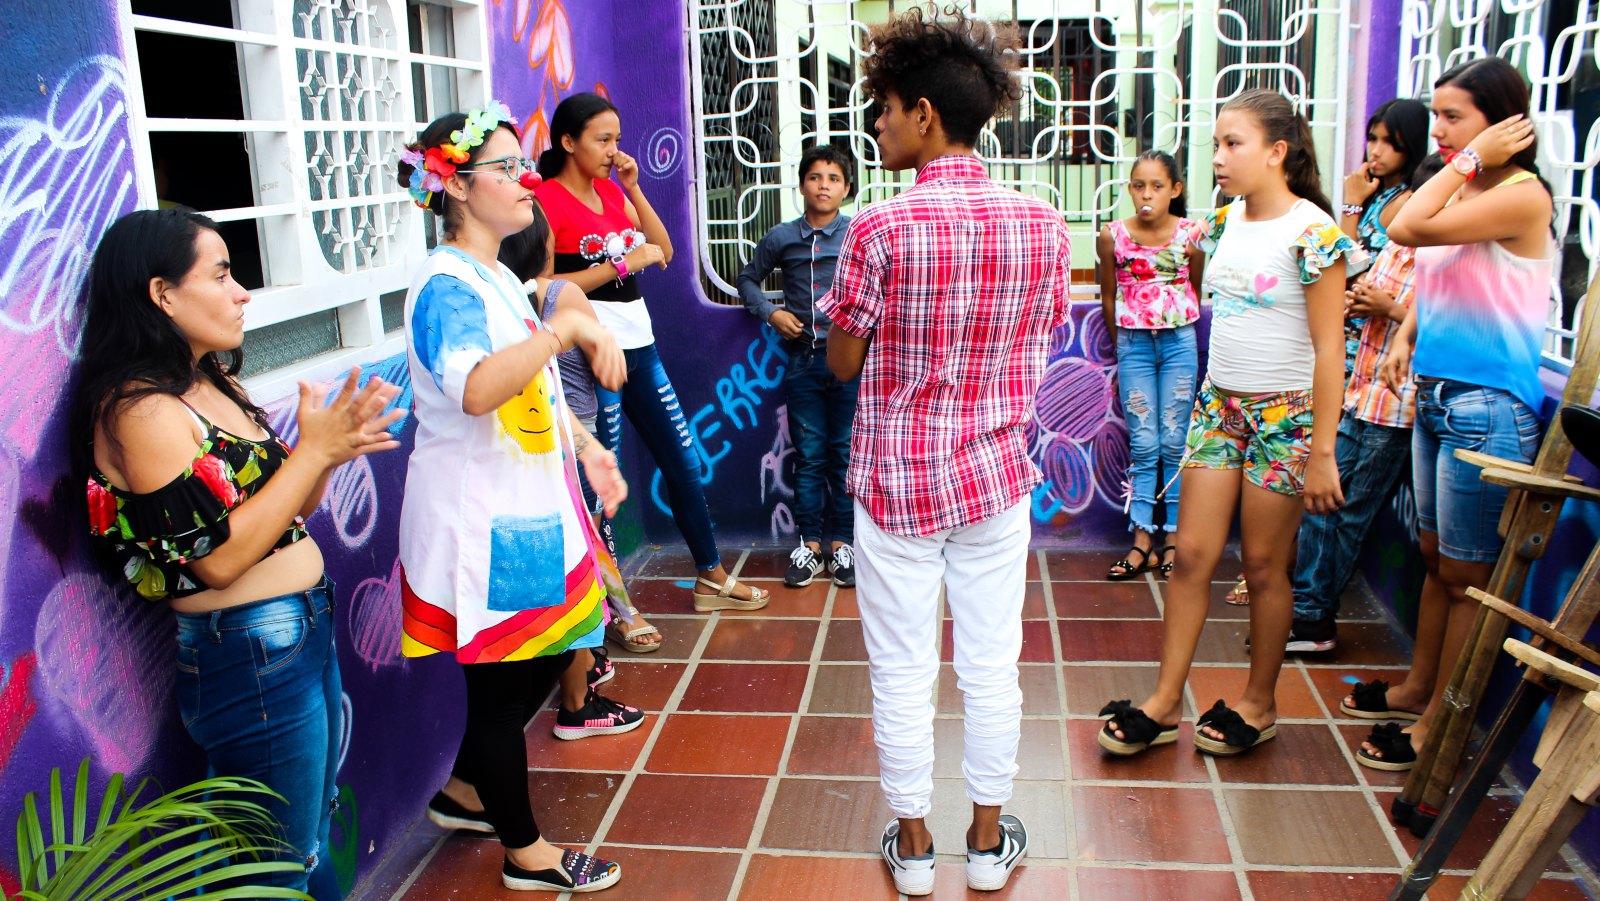 La casa que le abrió las puertas al arte migrante en Medellín